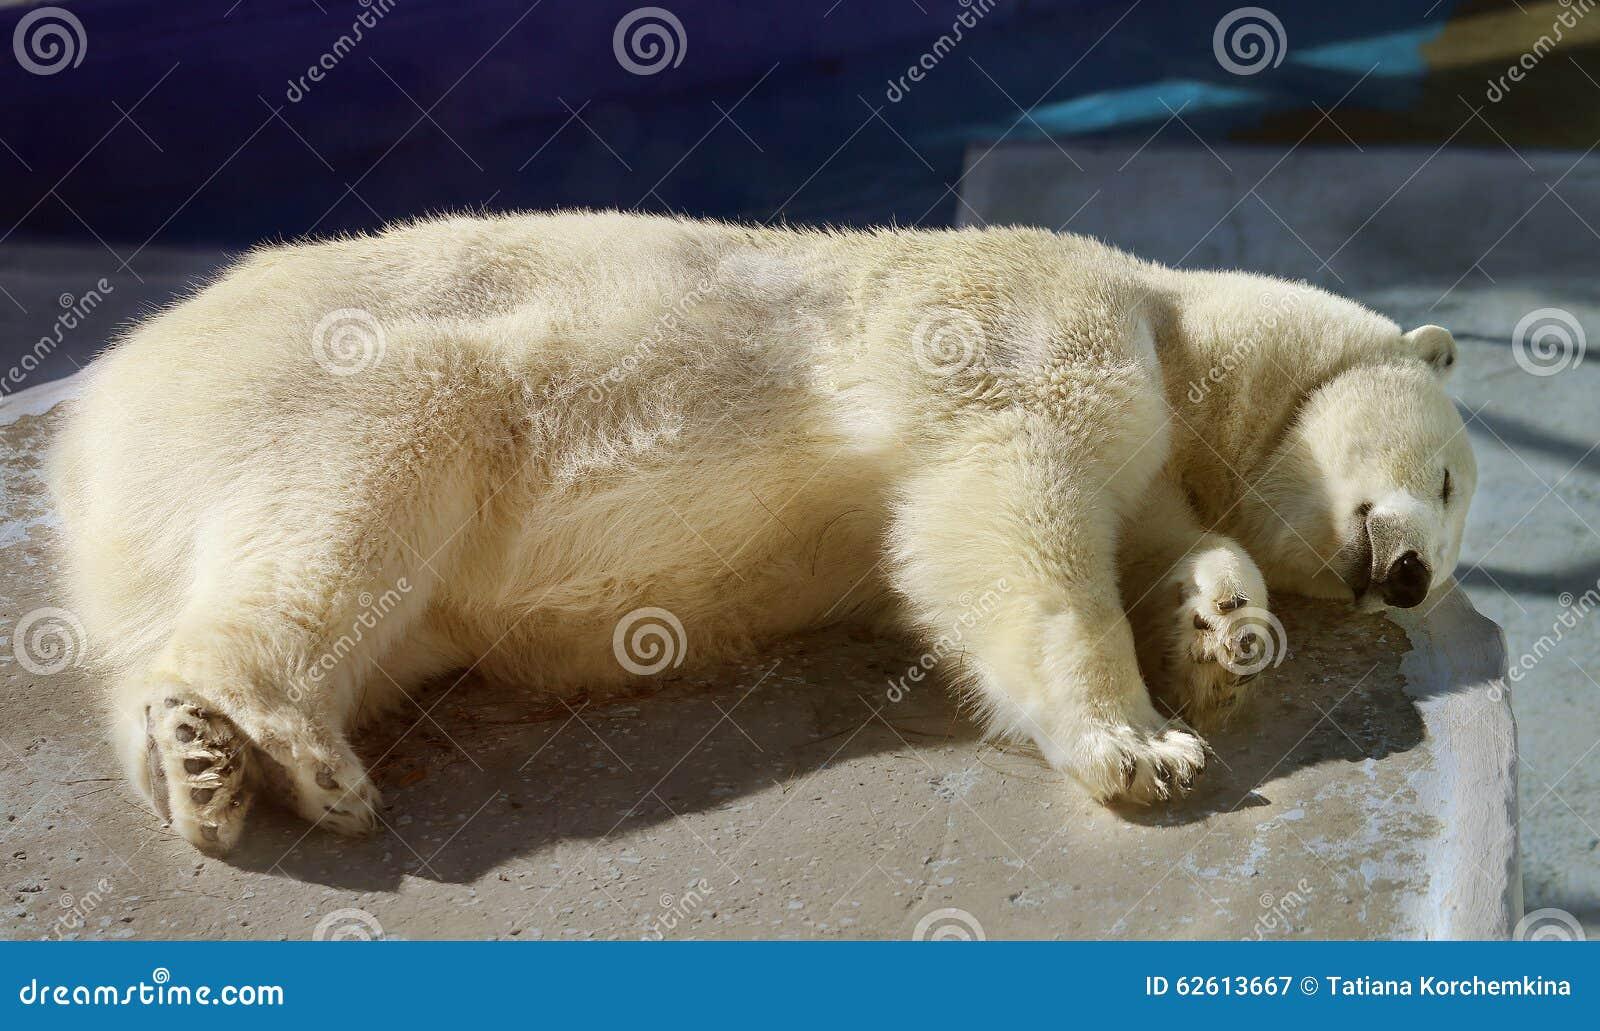 Beautiful white bear